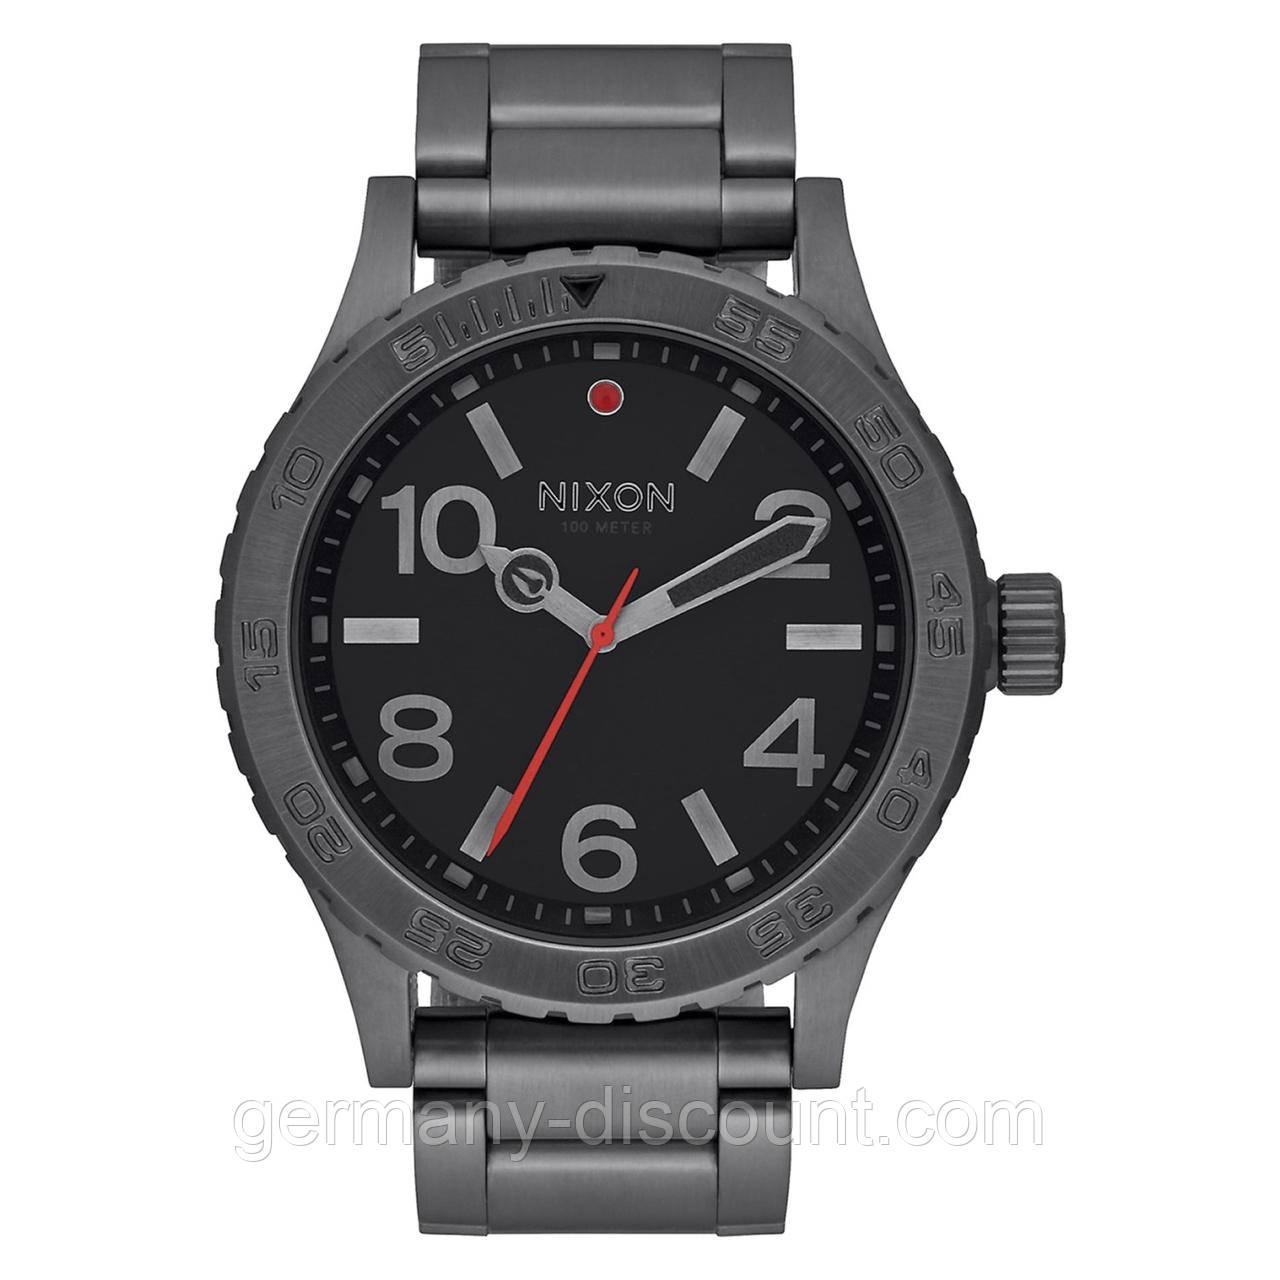 Американський годинник Nixon Unisex 46 (США)